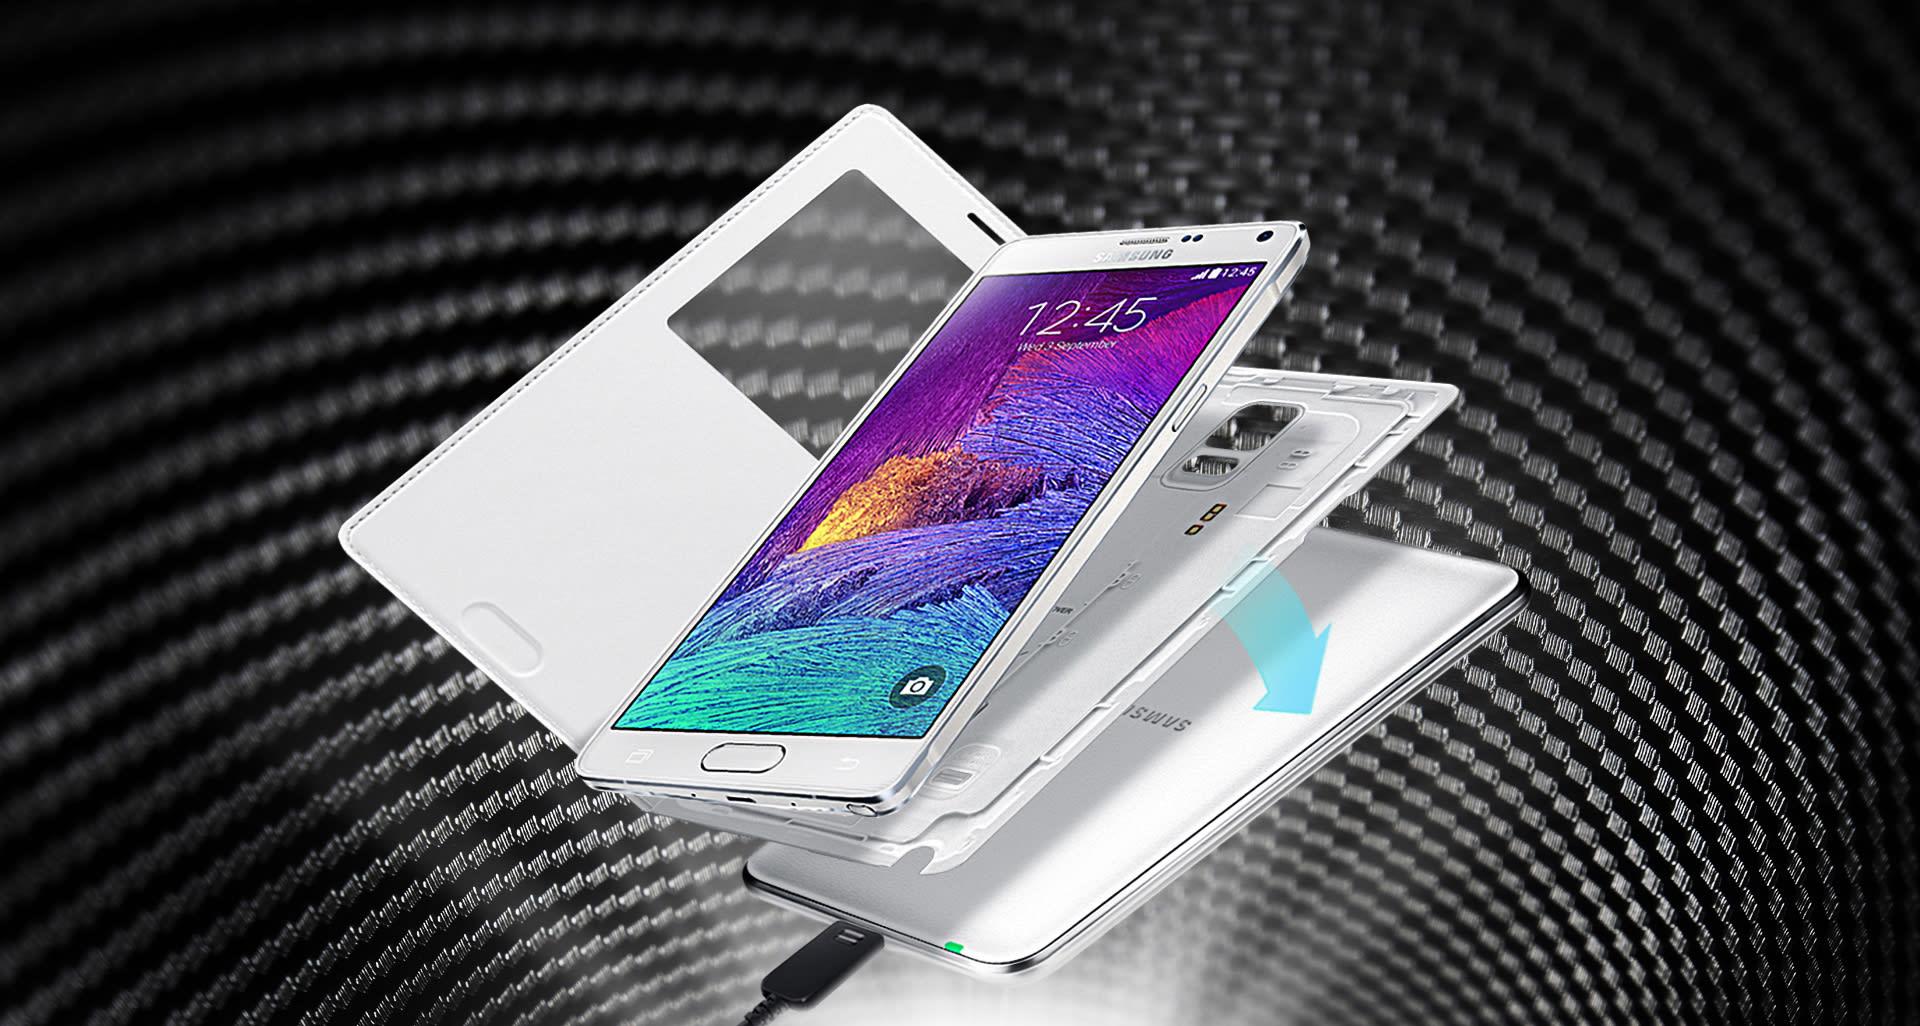 7361e3fe323 Al igual que ocurrió con otros modelos anteriores de la marca, el flamante  Note 4 de Samsung ha recibido también un accesorio con el que podrá cargar  su ...